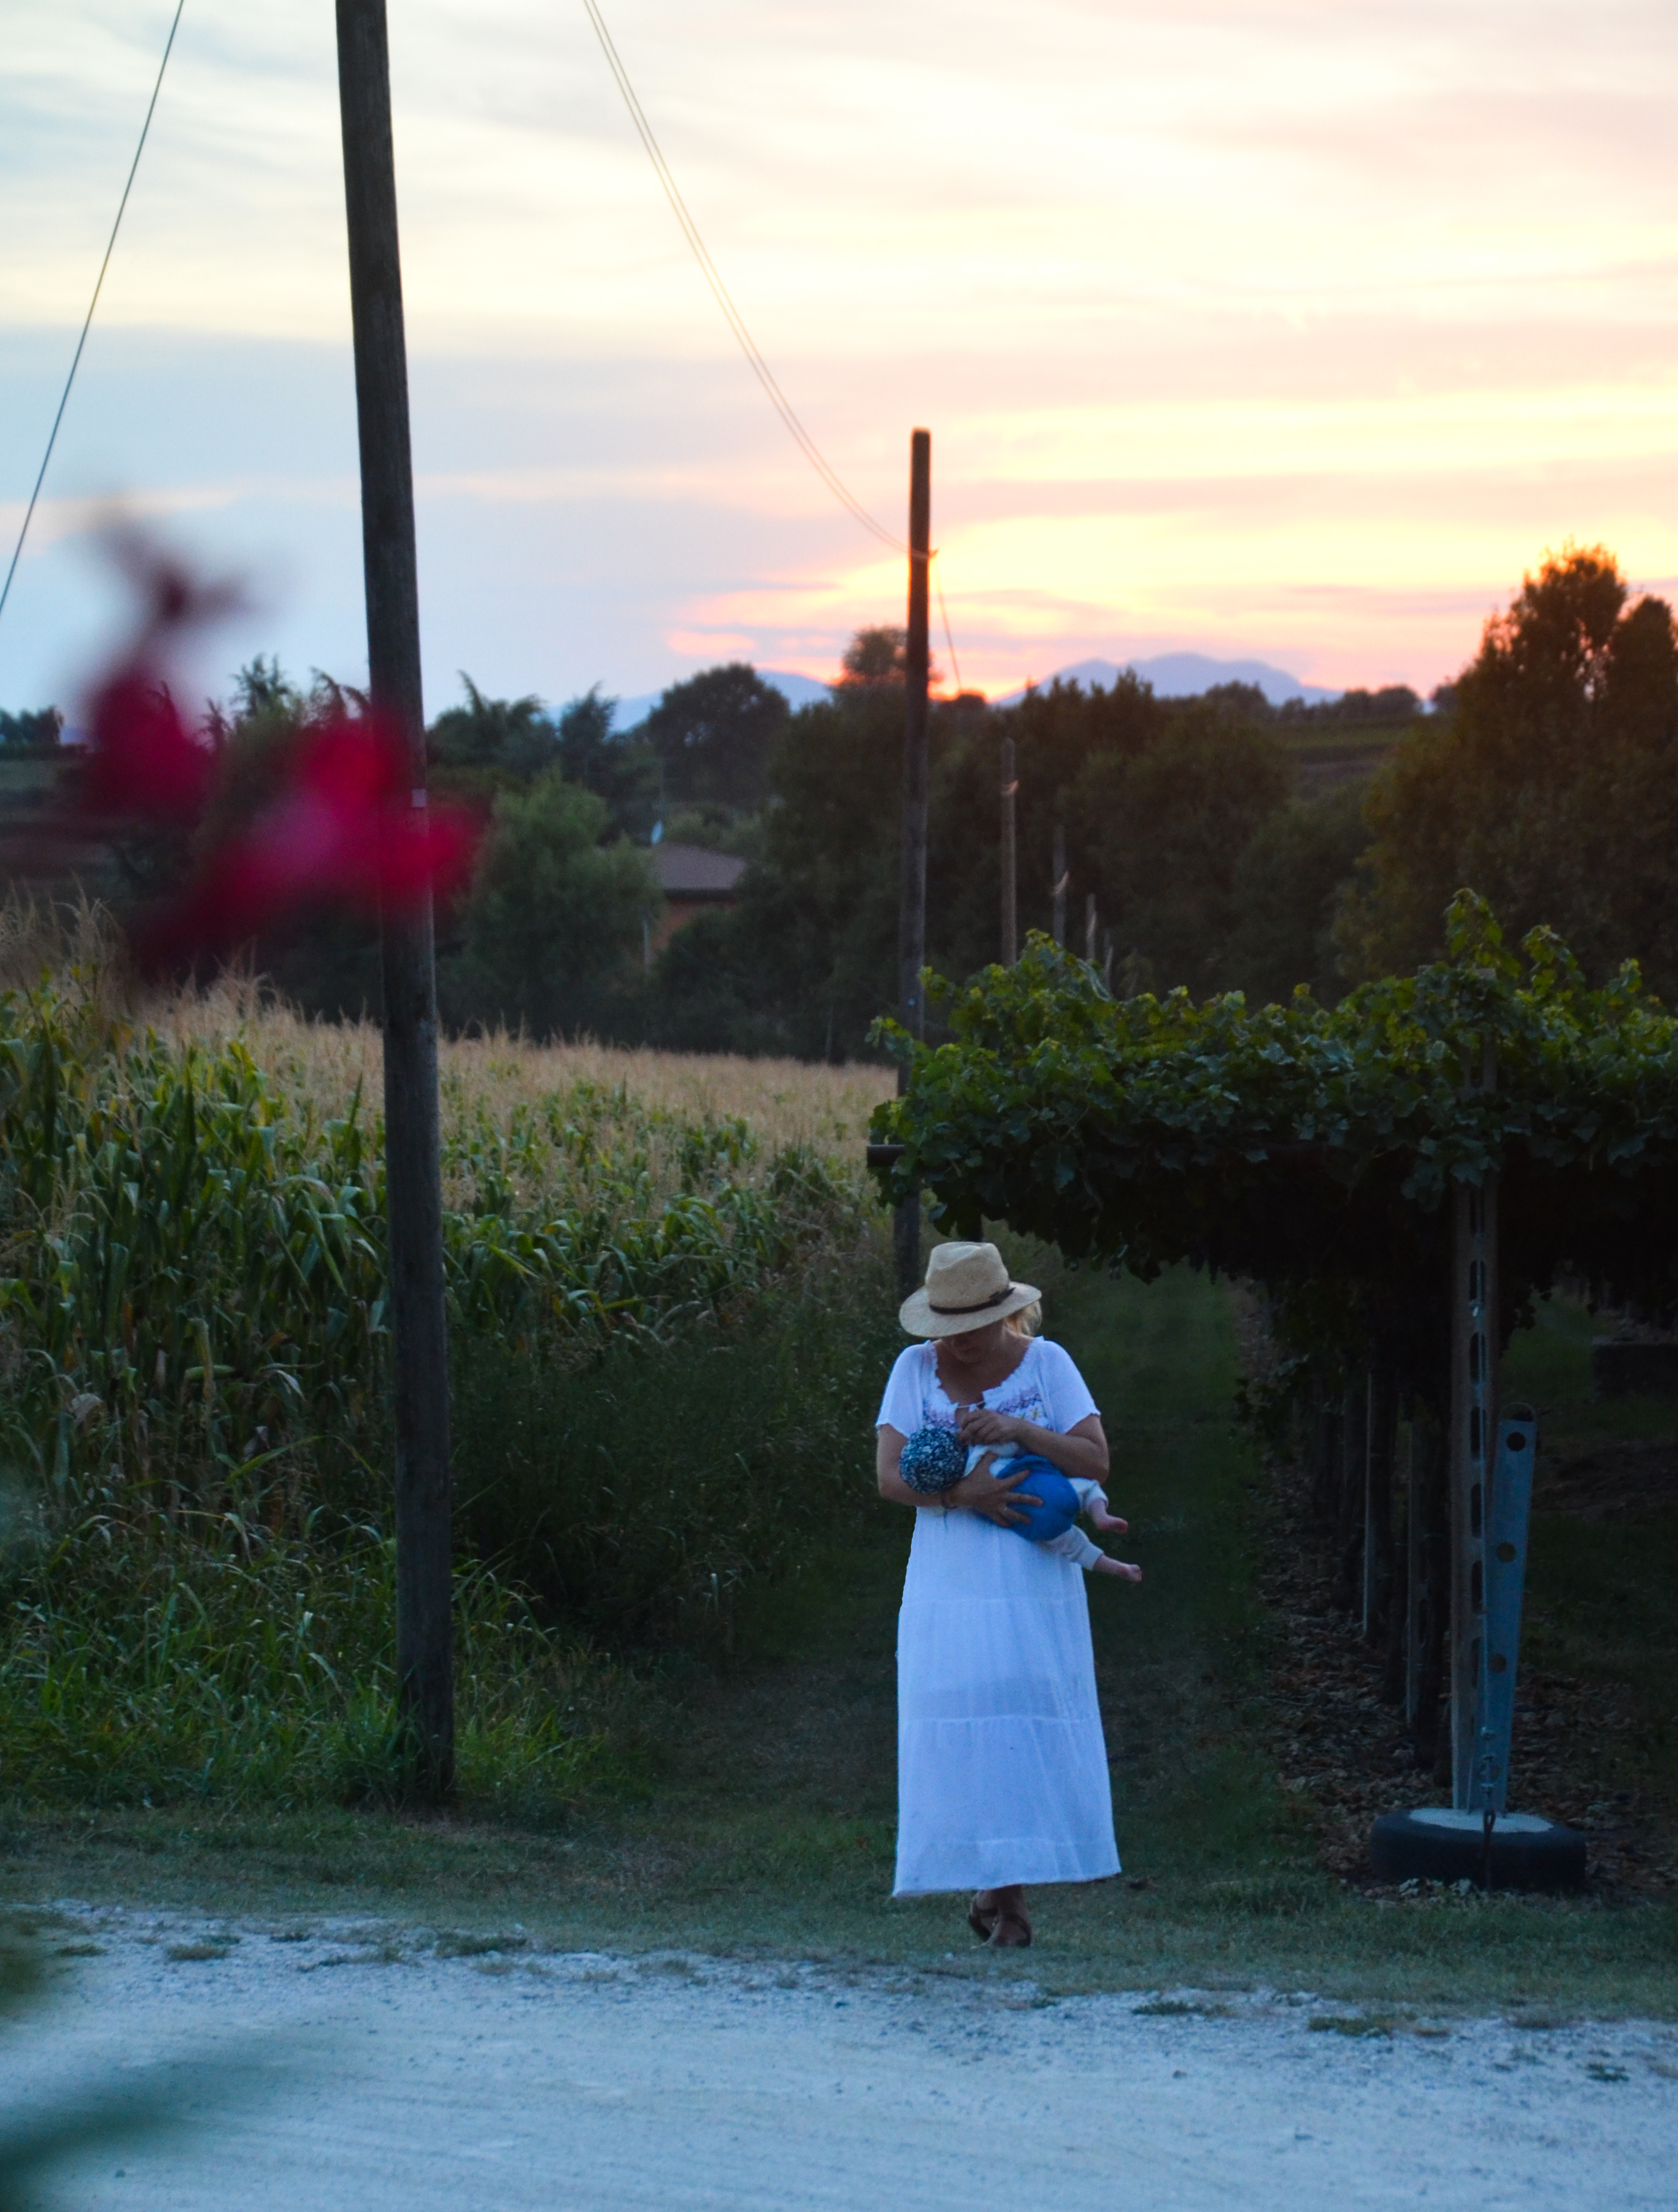 Agriturismo, Italienurlaub